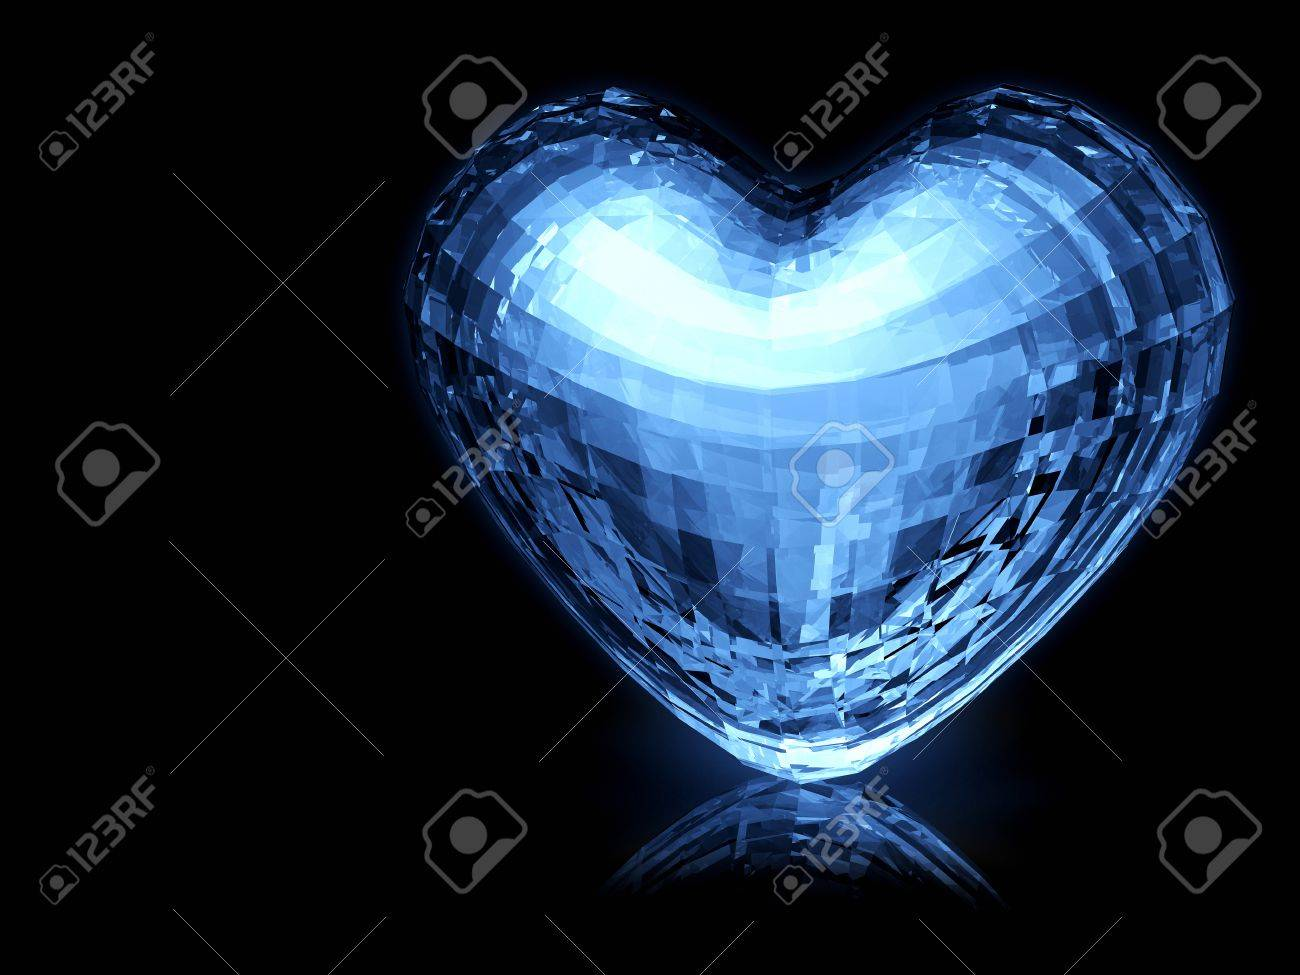 3d Bright Blue Heart Mirror Ball Standing On Black Ground. Valentine ...